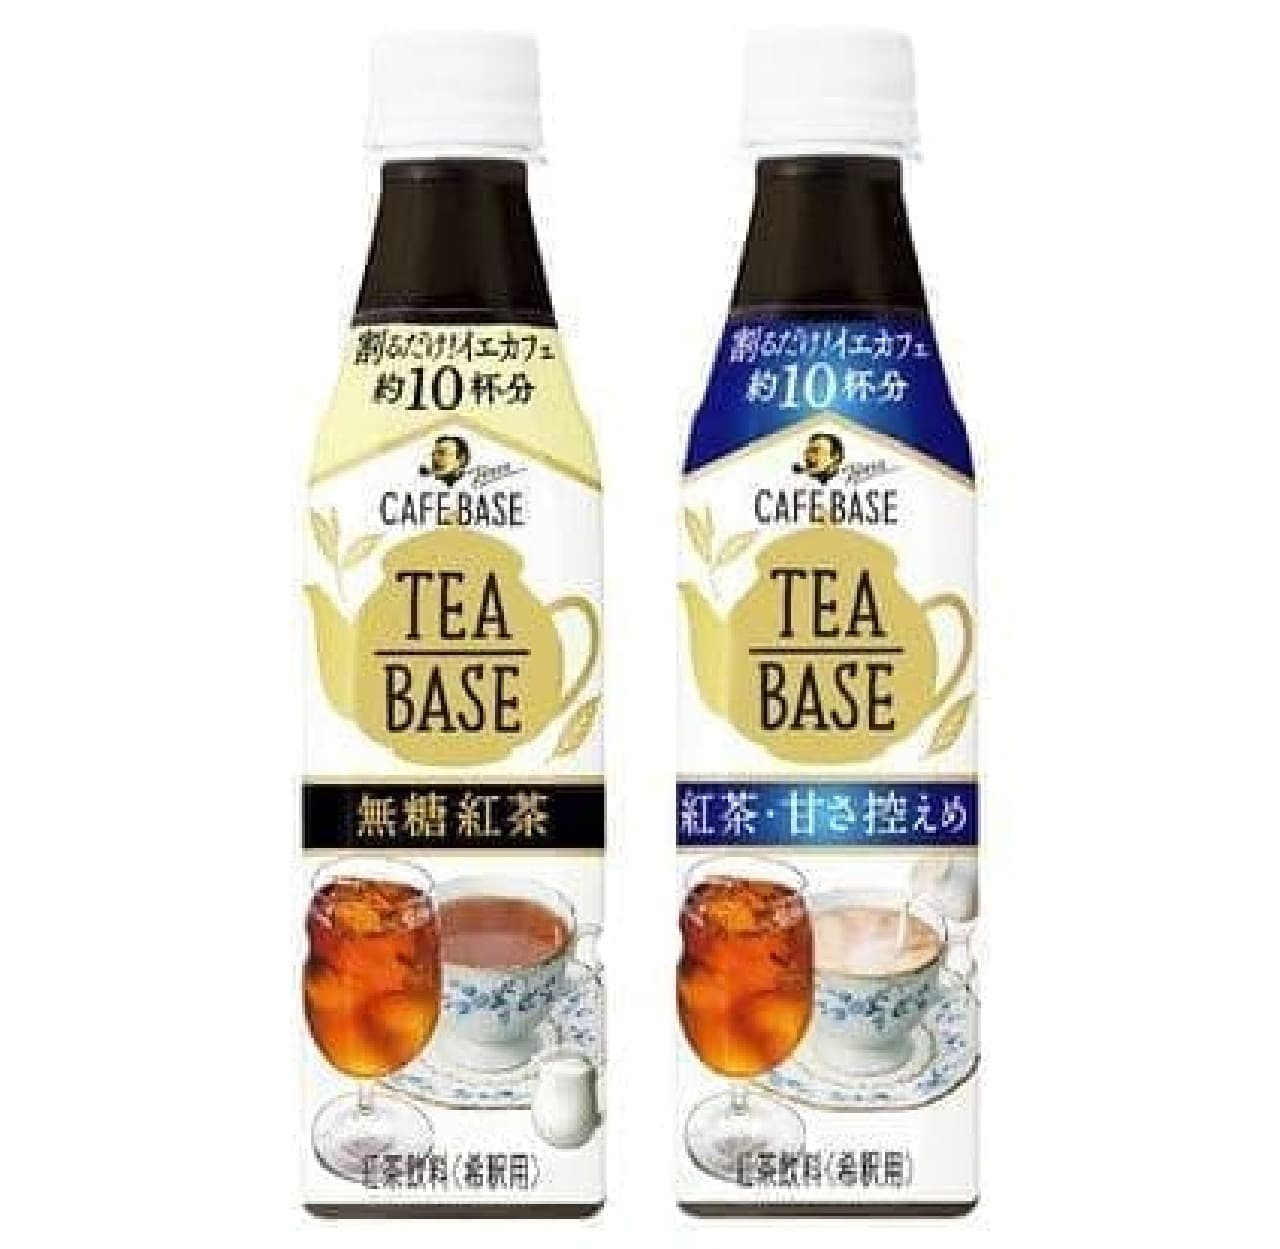 「ボス ティーベース 無糖紅茶」と「ボス ティーベース 紅茶 甘さ控えめ」